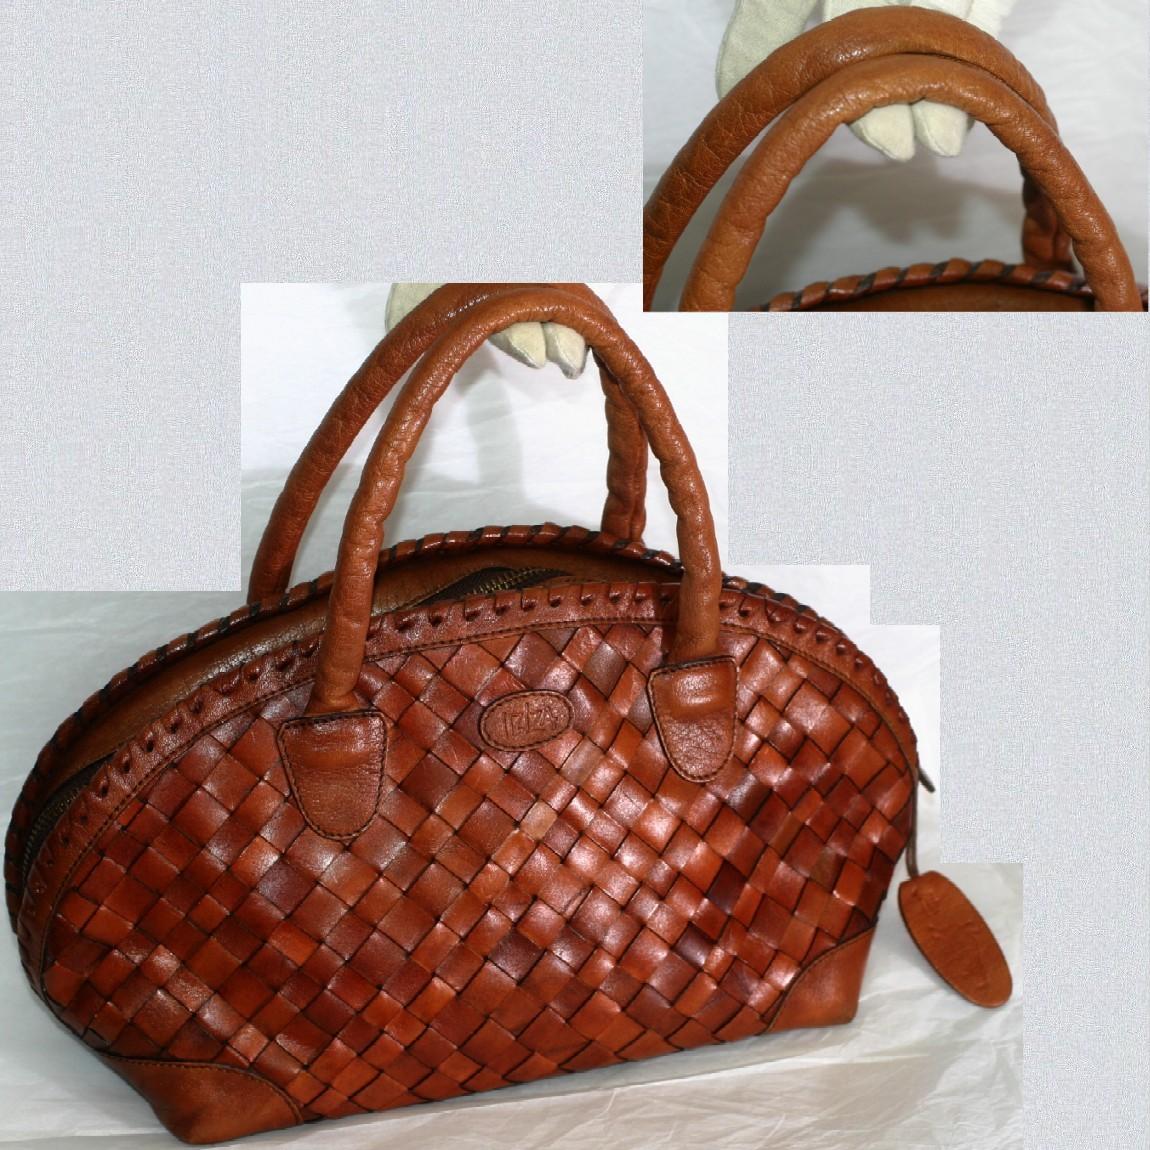 【中古】本物可イビザ女性用編みこまれた革素材持ち手が革素材のボストンバッグ サイズW36H18D14cm